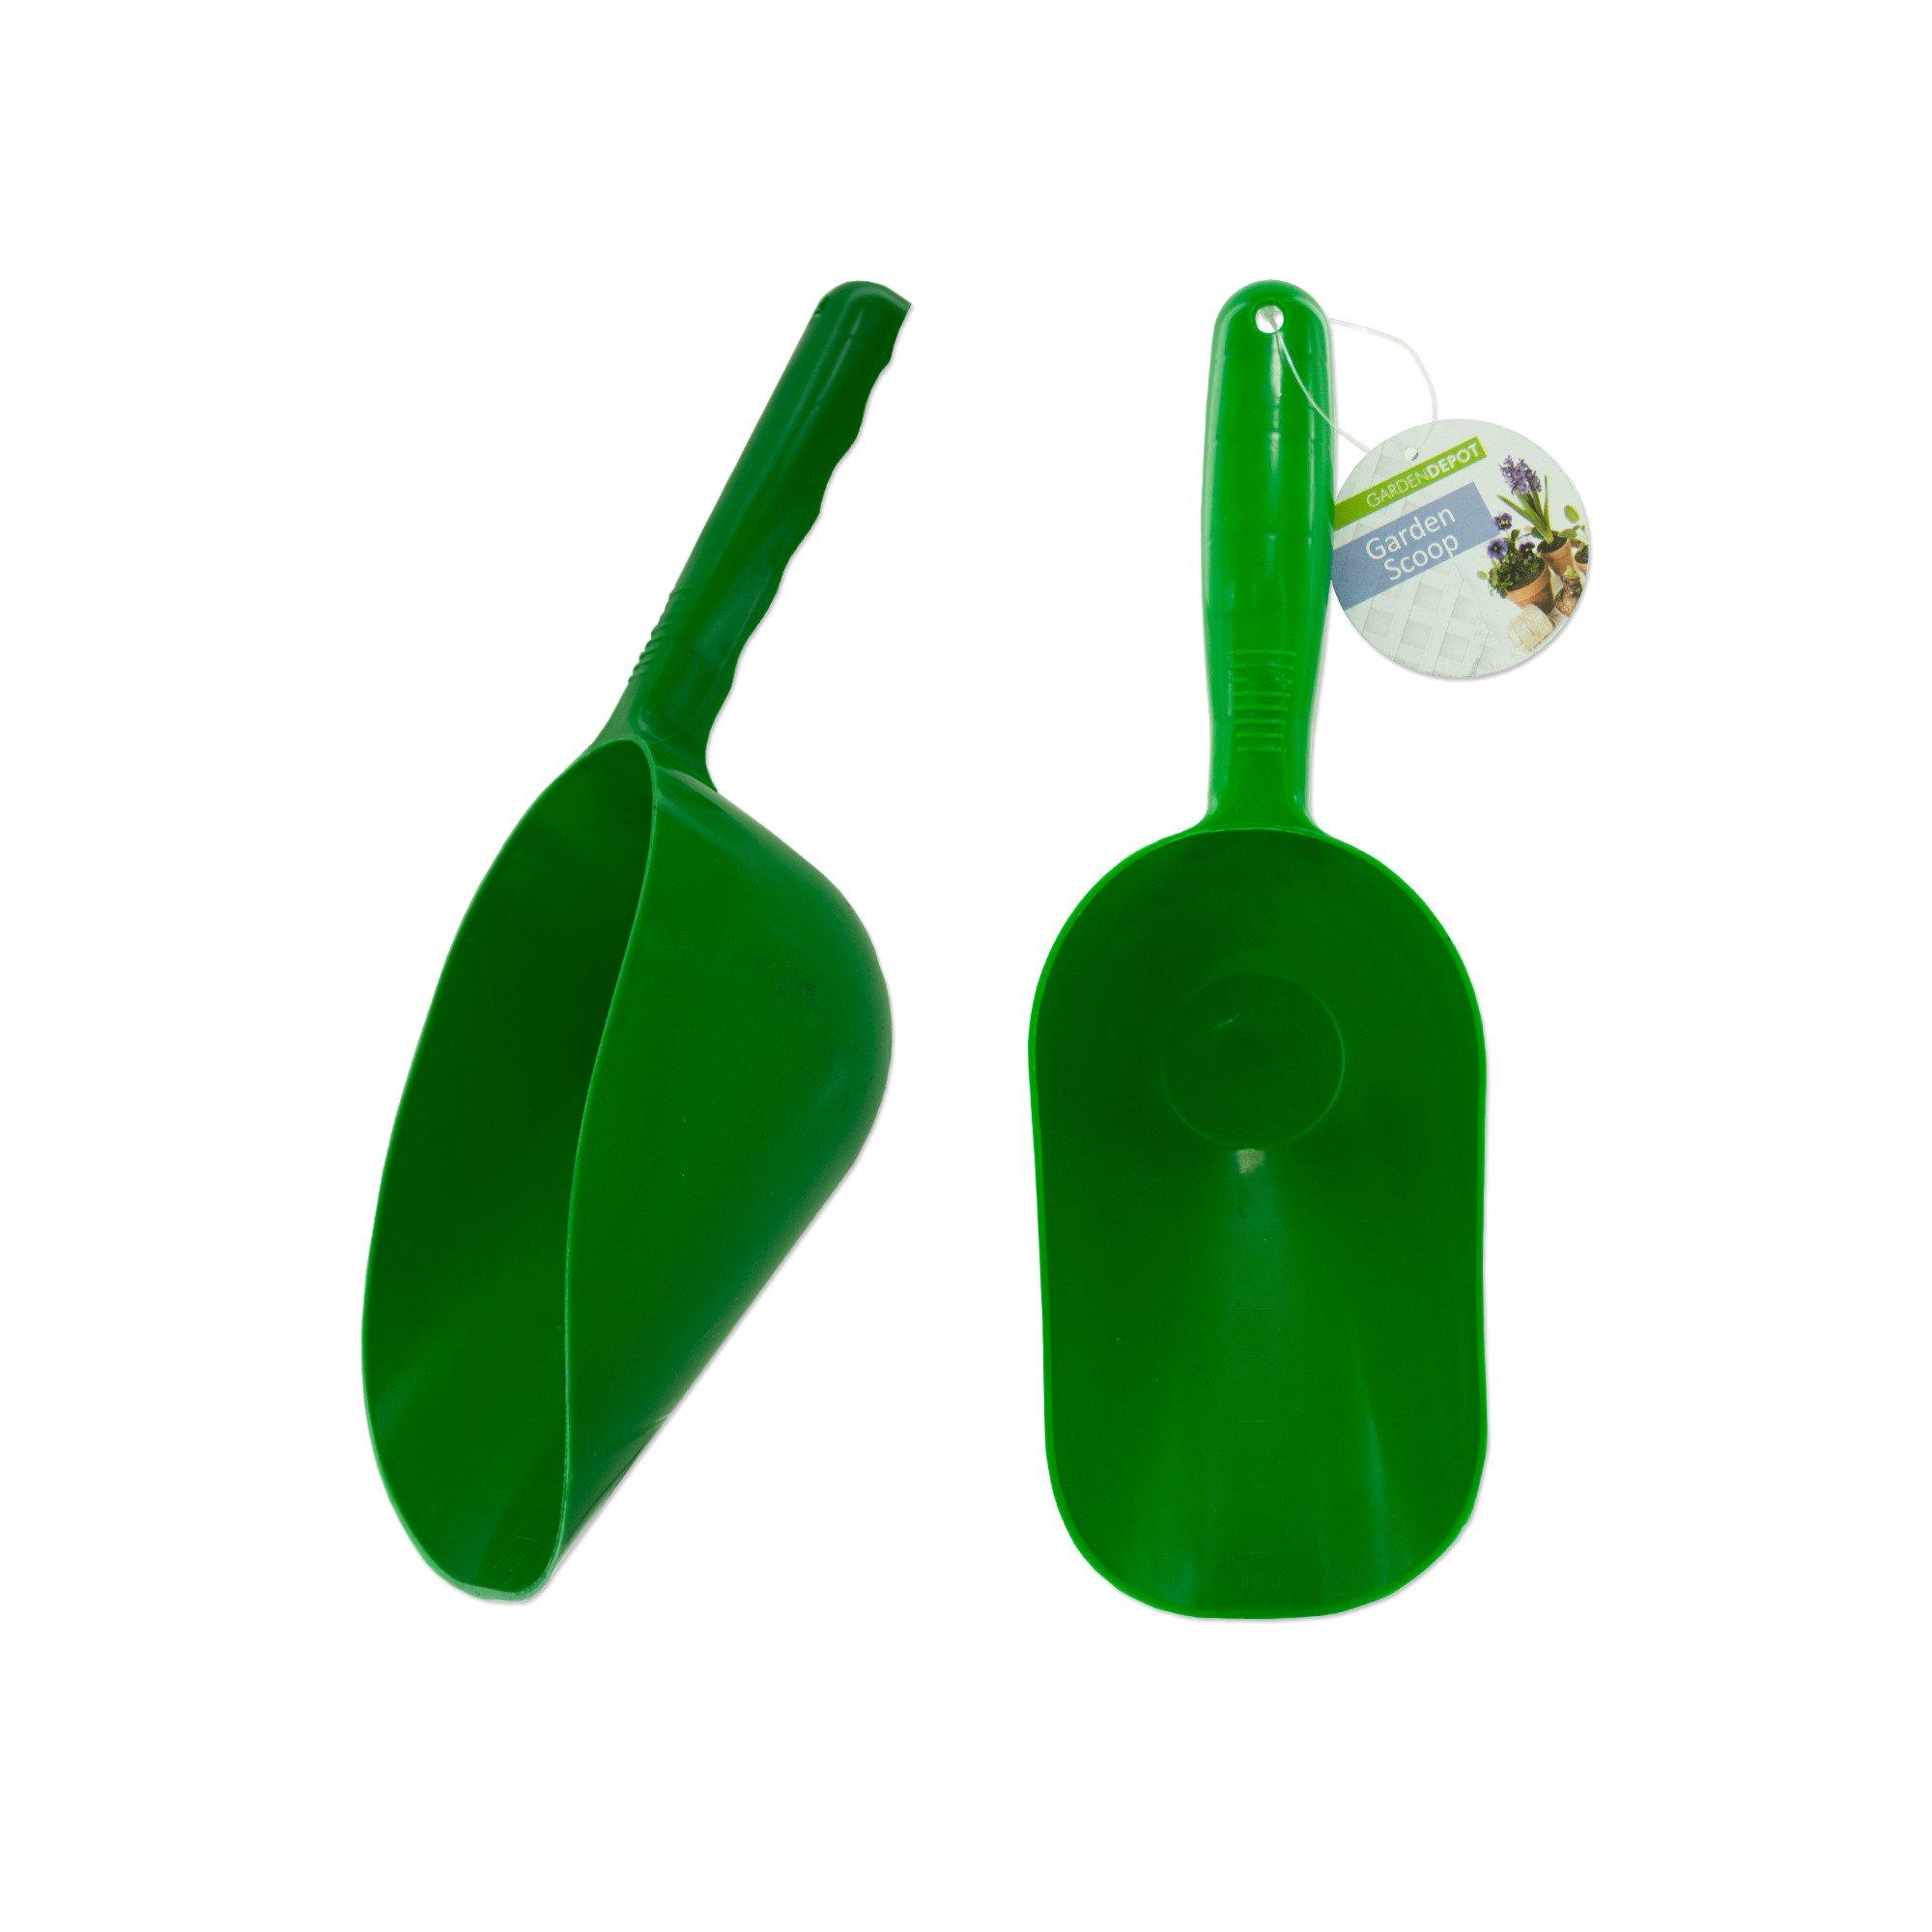 123-Wholesale - Set of 36 Multi-Purpose Garden Scoop - Lawn & Garden Garden Tools